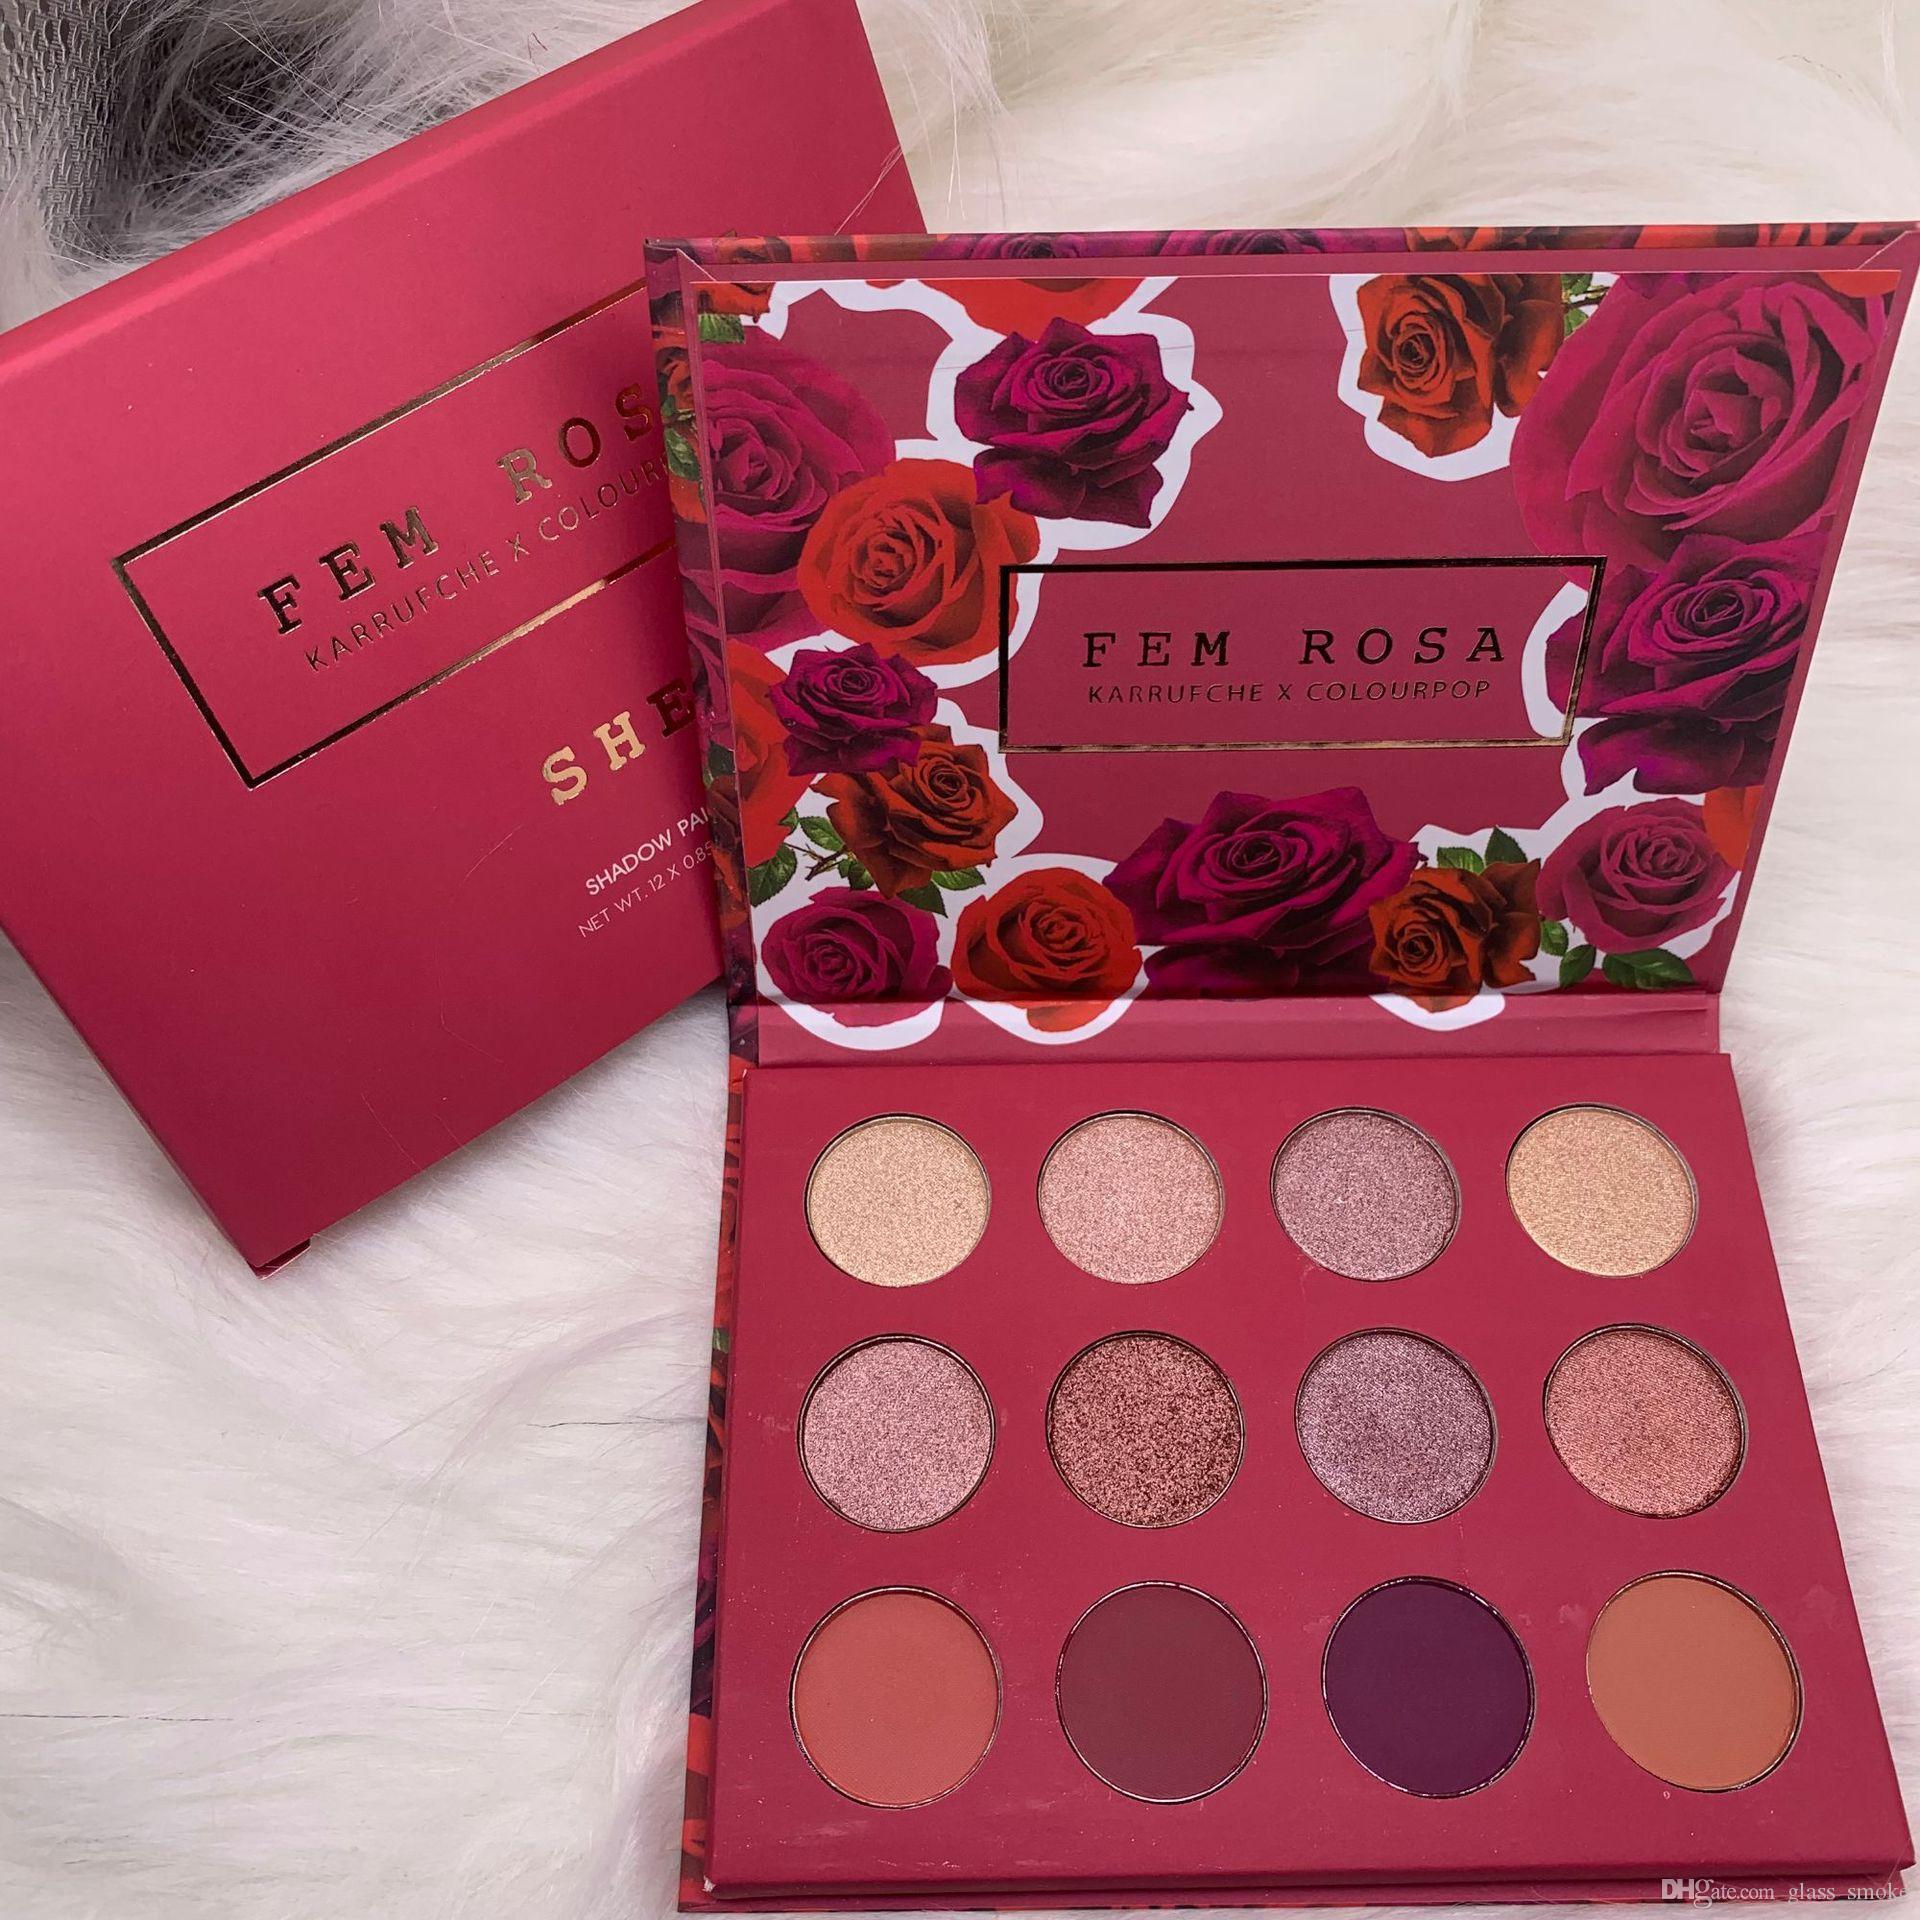 العلامة التجارية Eyeshadow Makeup Colourpop Collection 12 ألوان Karrueche Fem Rosa She Eyeshadow palettes Sunset Eye Shadow